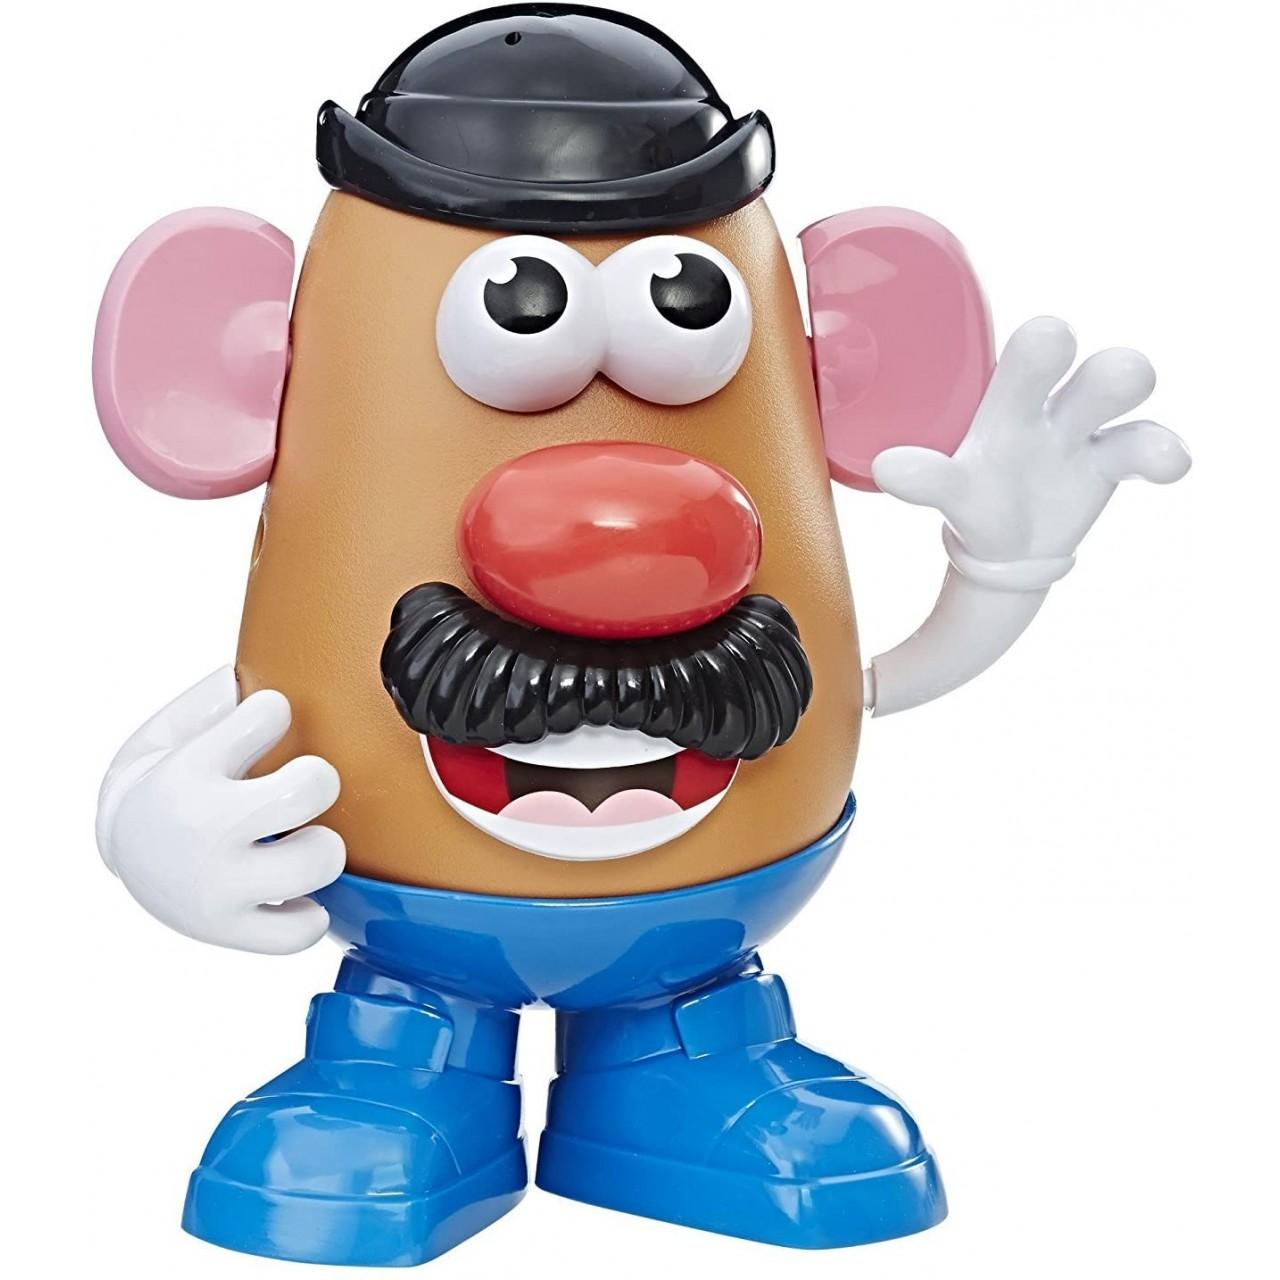 """Іграшка фігурка Містер Картошка """"Історія іграшок 4"""" 18см 27657 від Hasbro"""